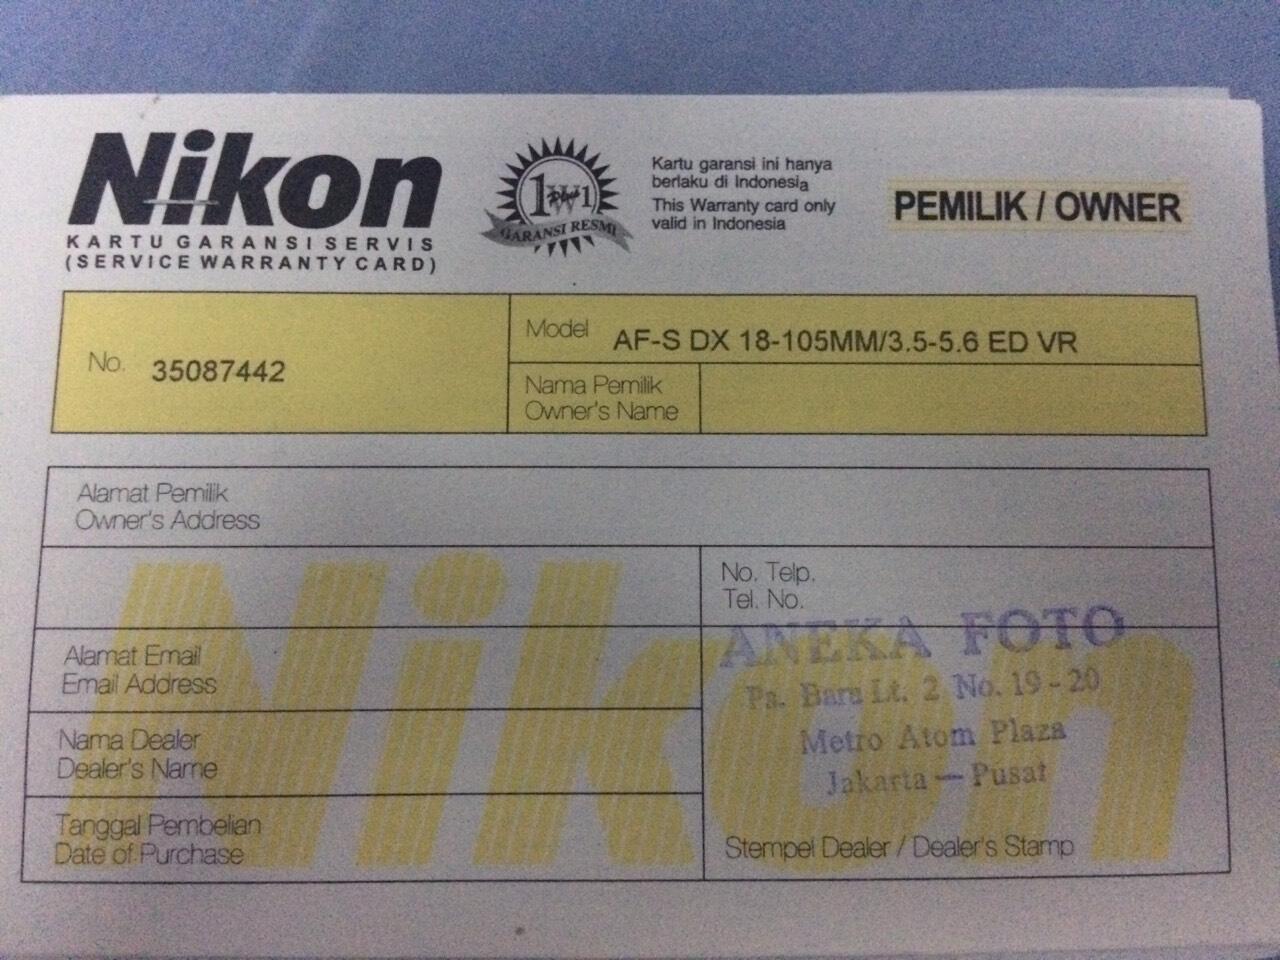 Terjual Jual Murah Nikon D 7000 Kit Garansi Alta Dan Printer Kodak Paper 605 Mint Condition